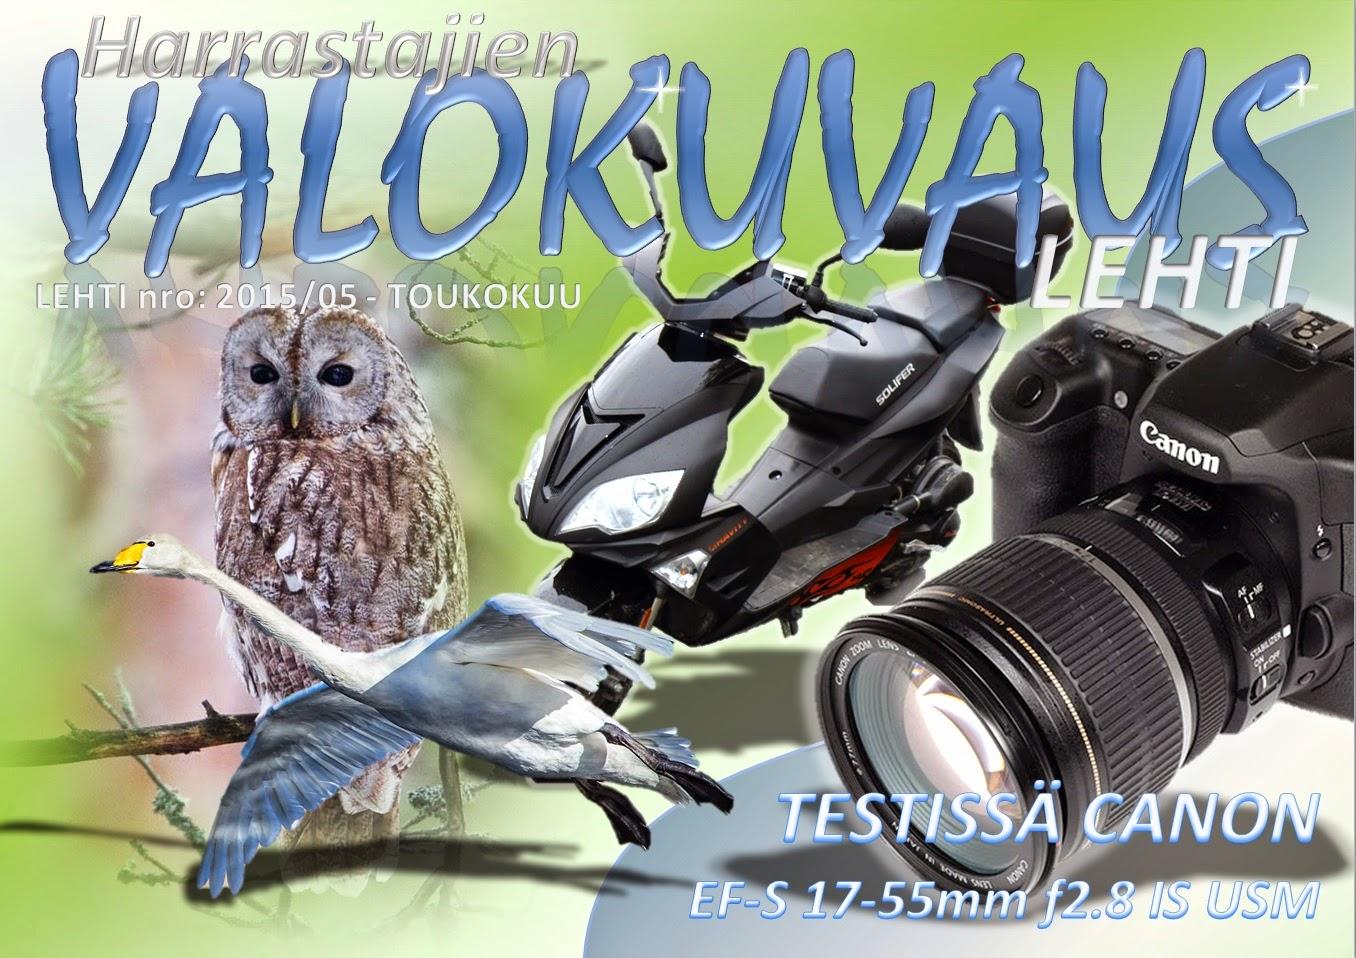 VALOKUVAUS-LEHTI 2015/05